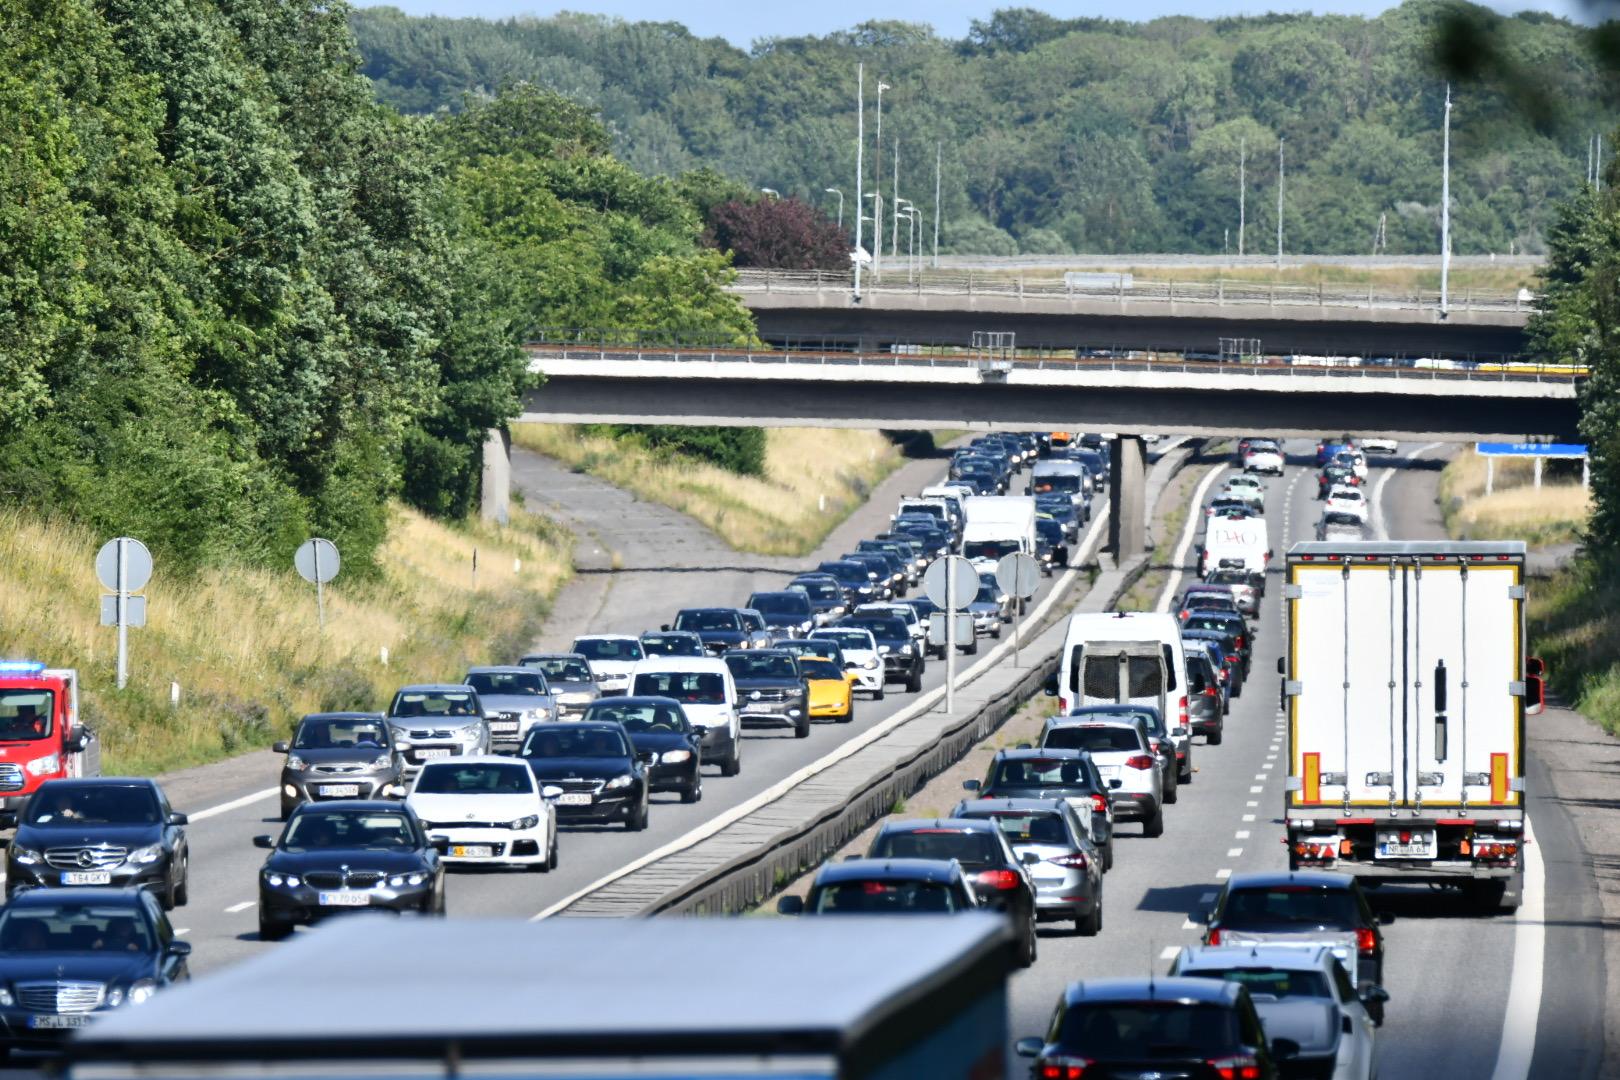 Færdselsuheld på fynske motorvej - skaber større kø